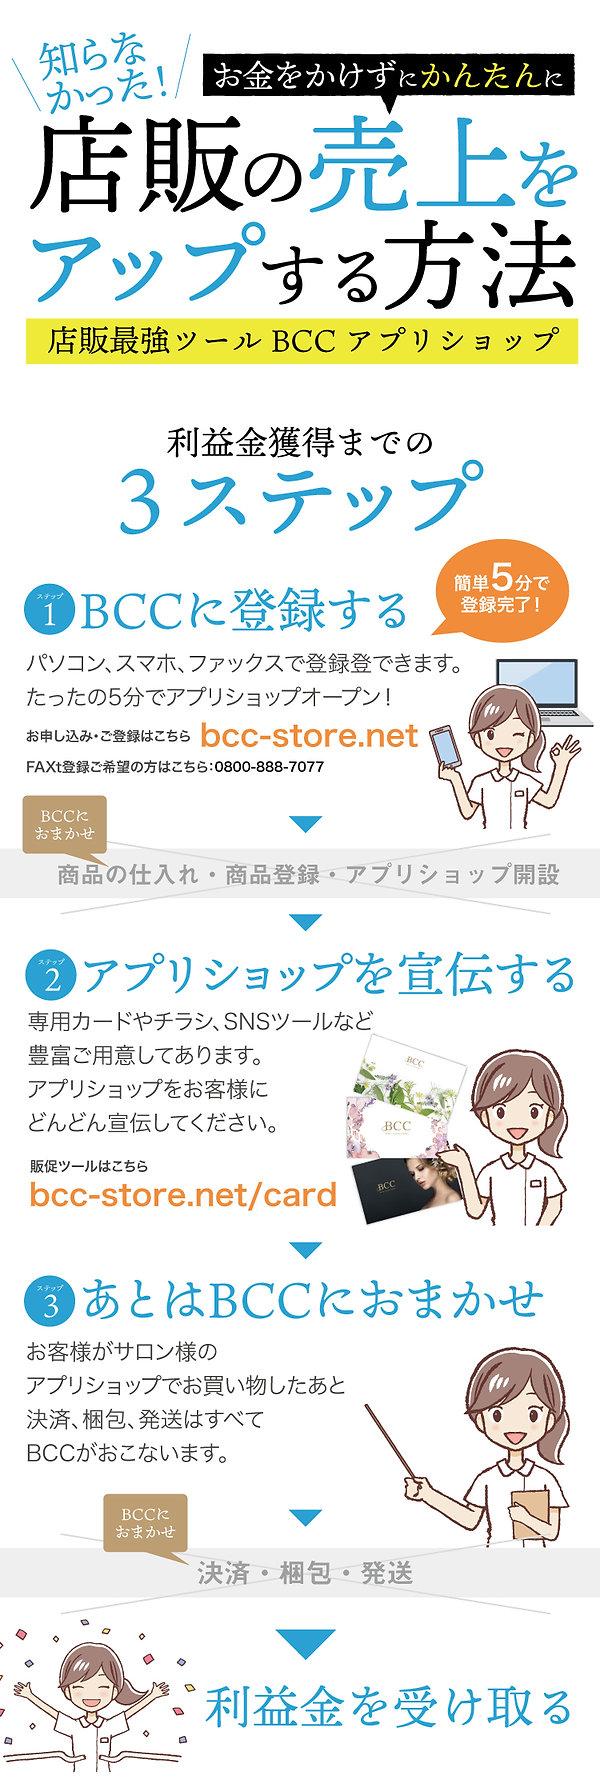 BCCLP-2_02.jpg